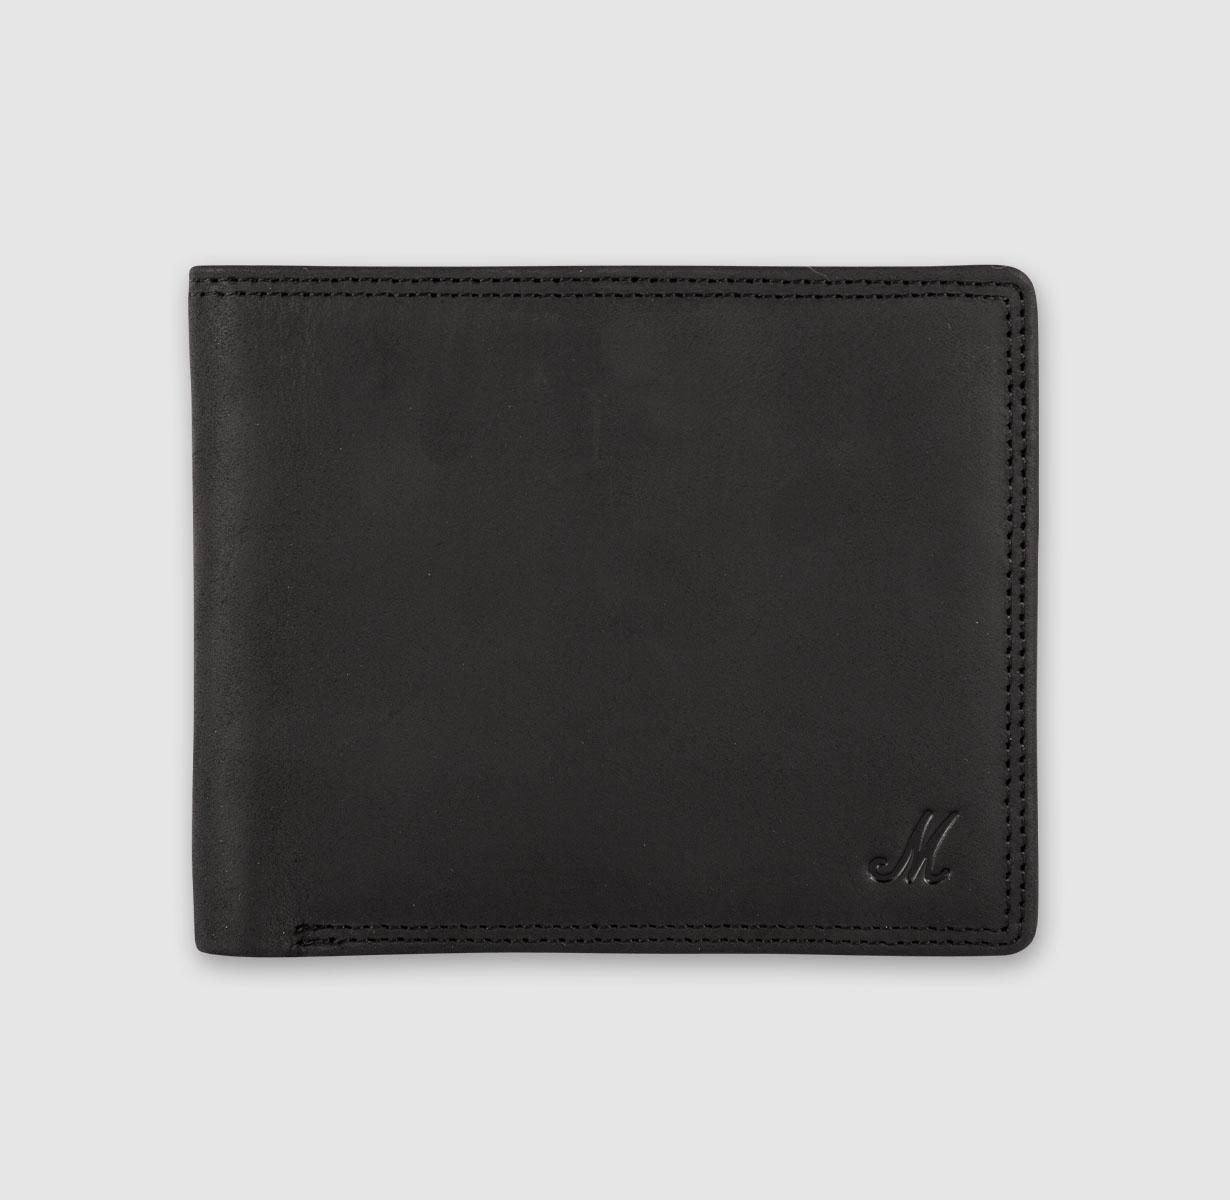 Wealth & Taste Wallet